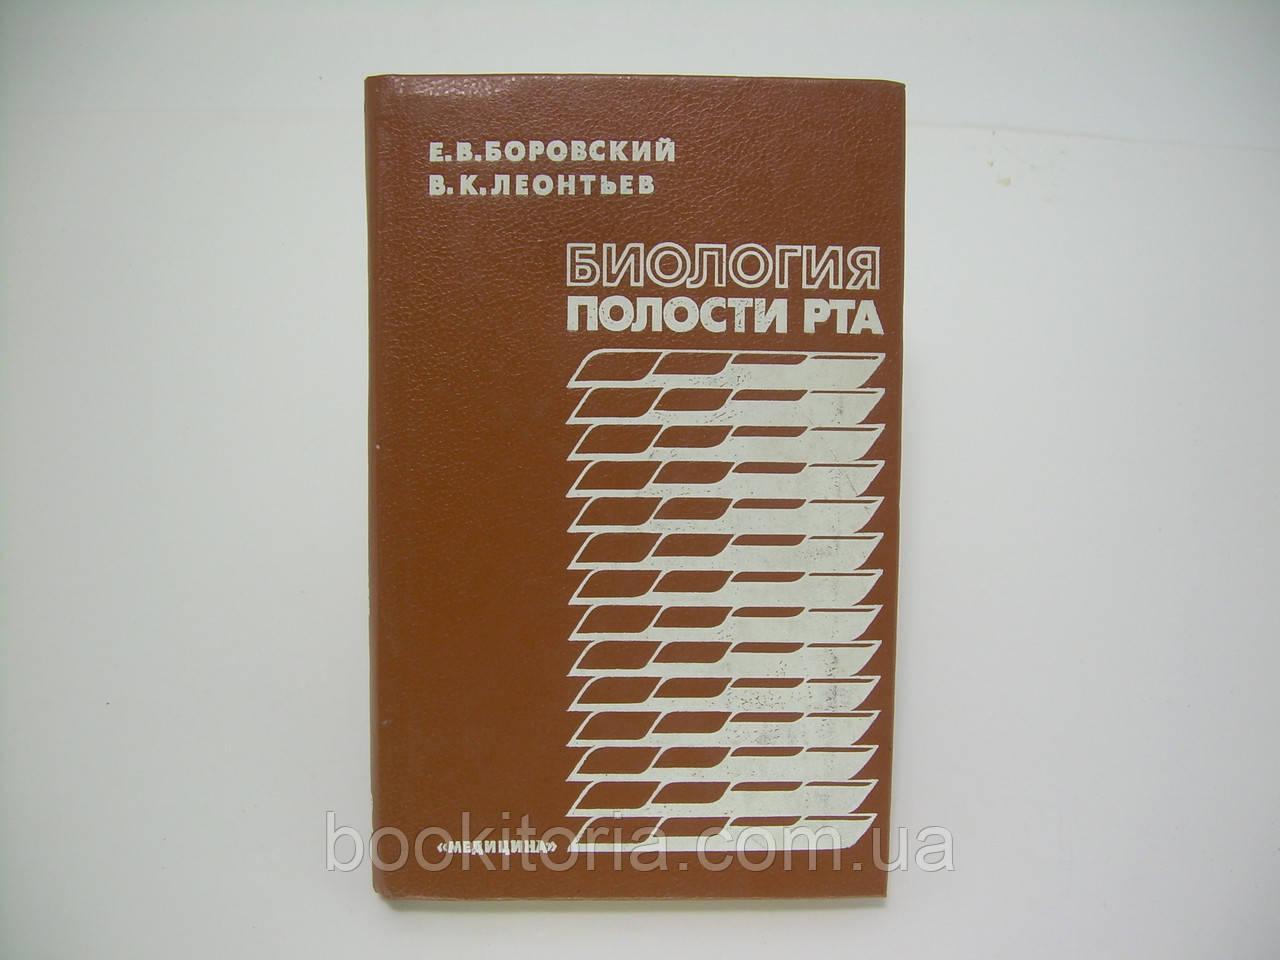 Боровский Е.В., Леонтьев В.К. Биология полости рта (б/у).